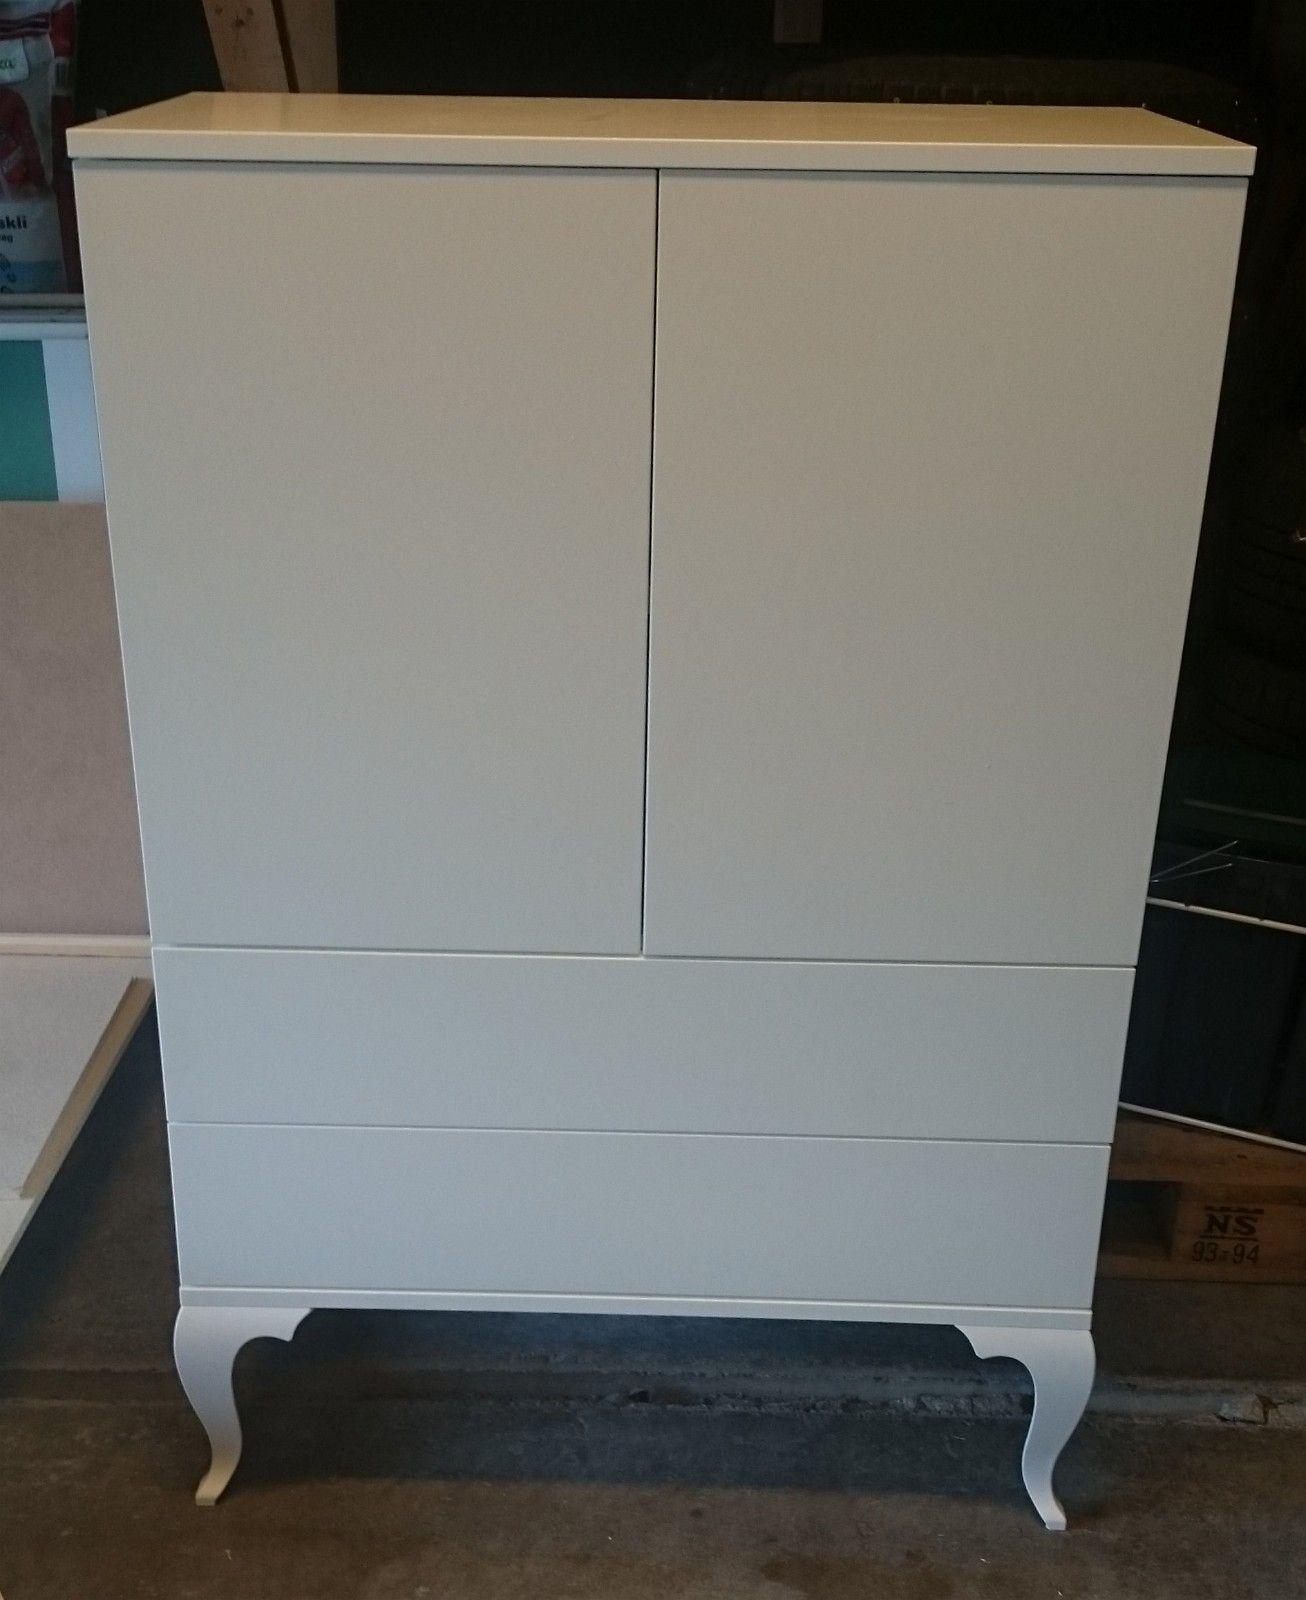 Ikea Trollsta Tavolino.Finn Ikea Trollsta Skjenk Skap Kommode Life Style